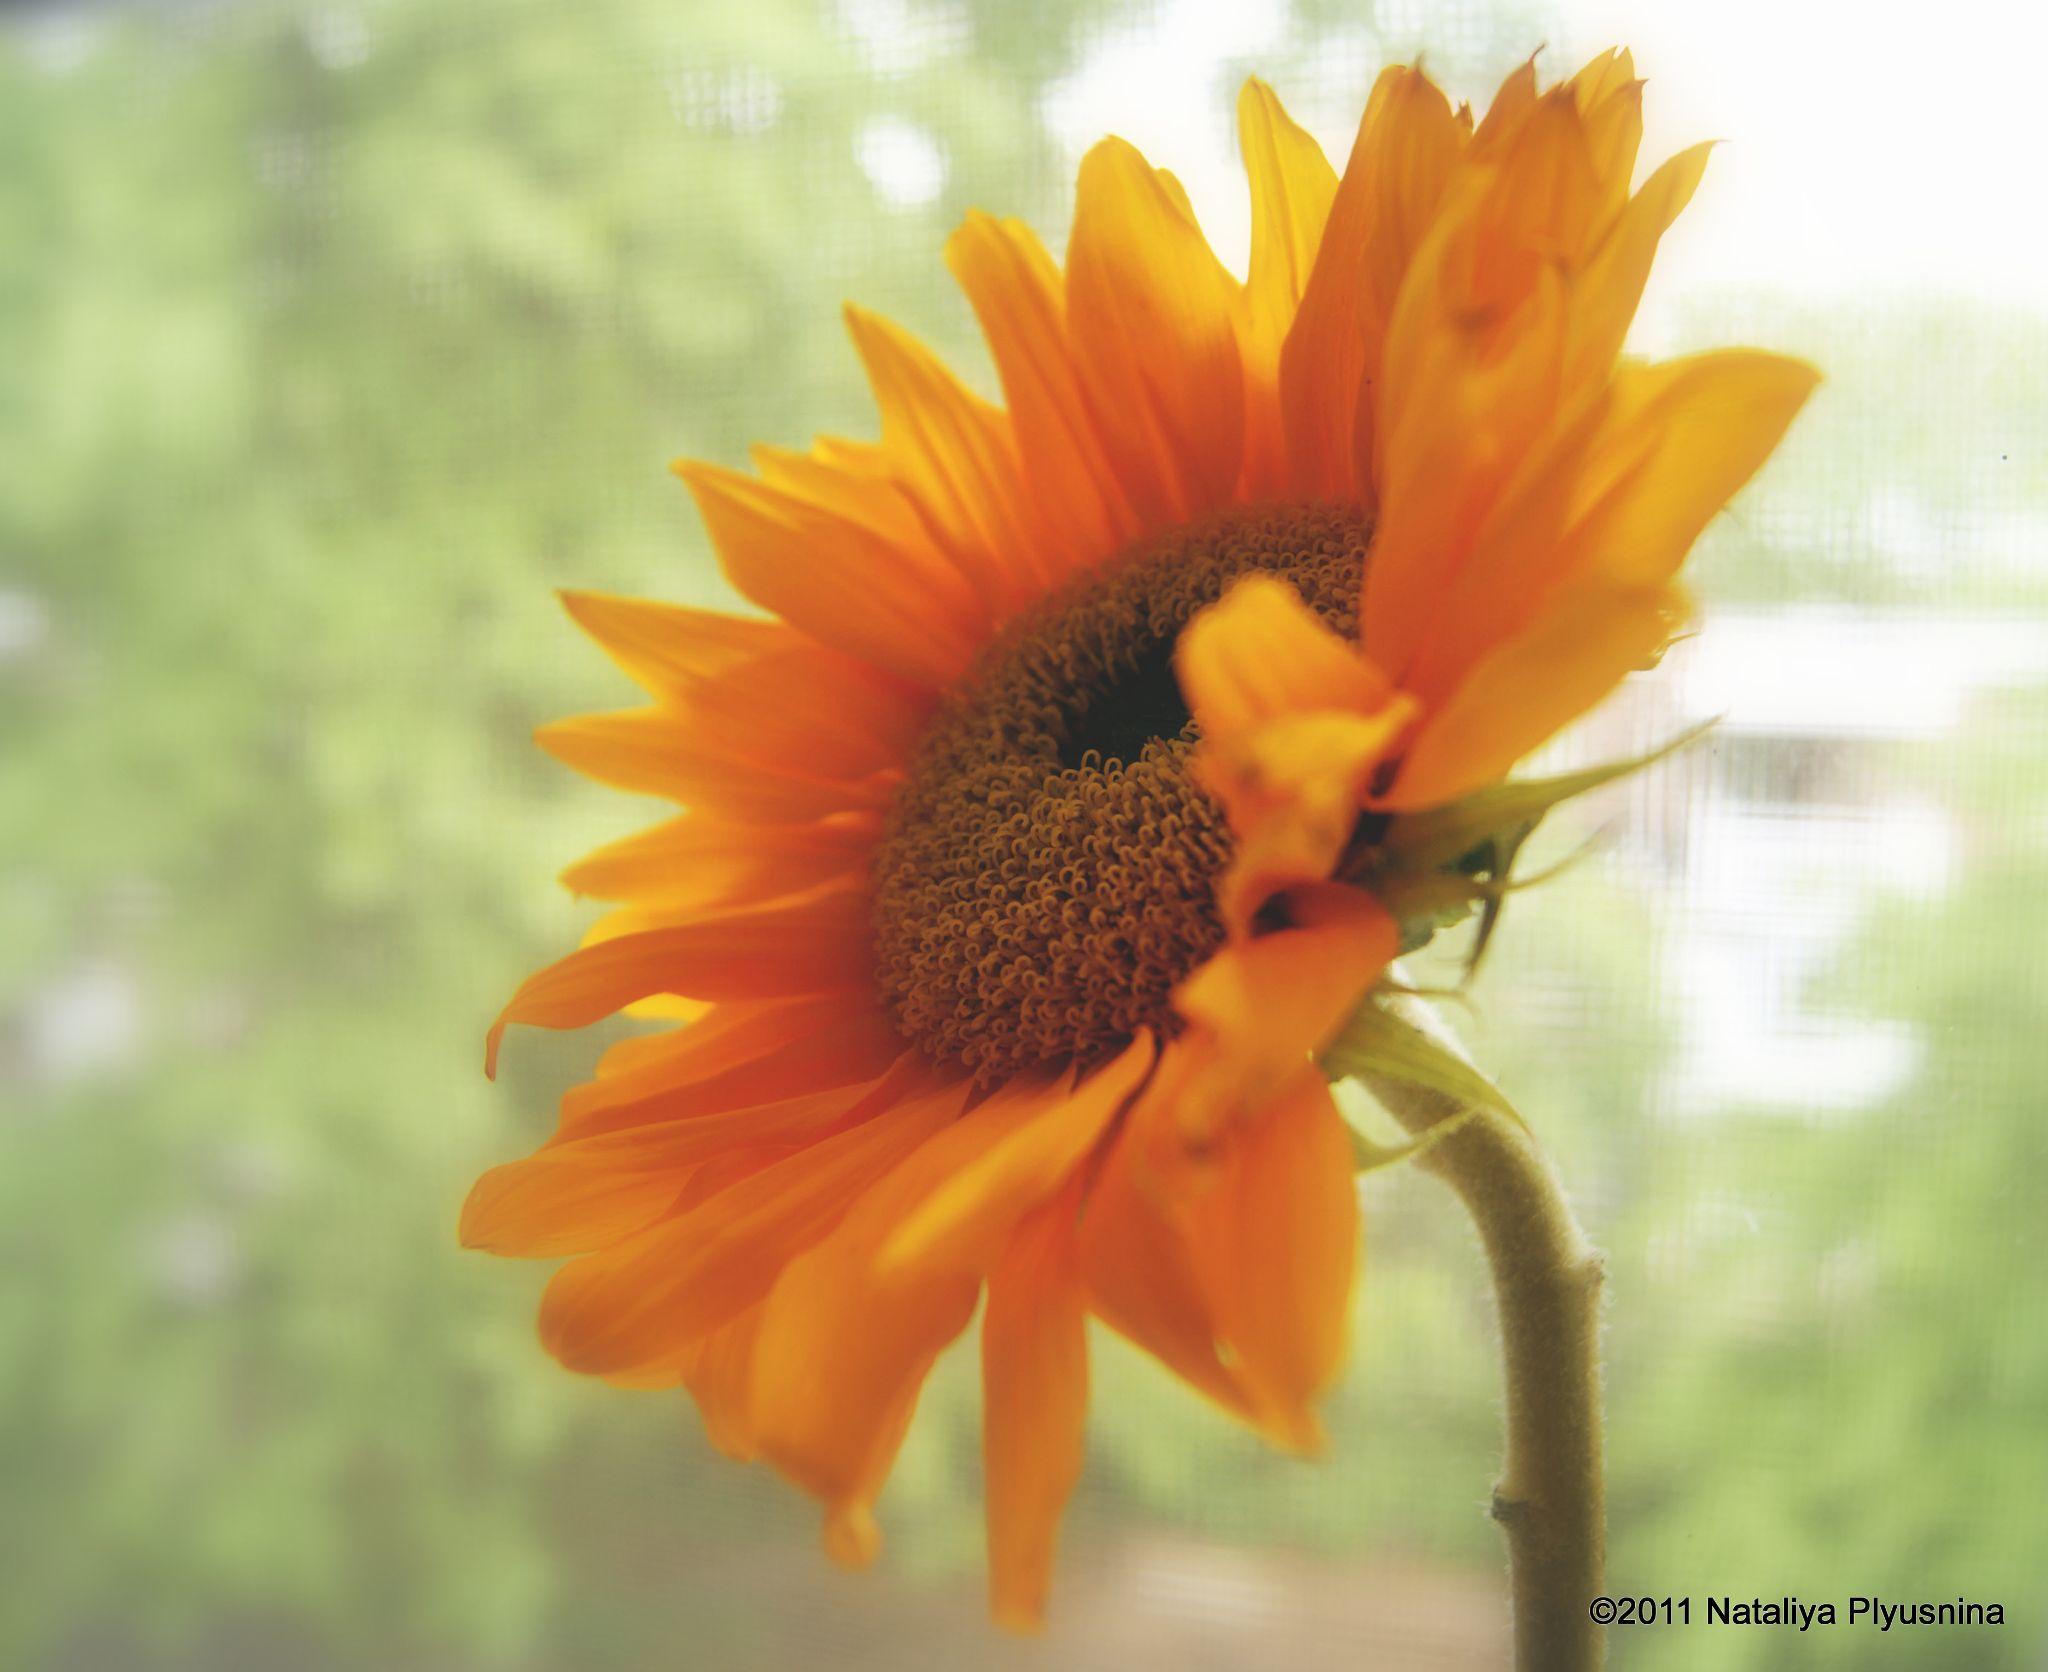 Sunflower by Nataliya Plyusnina